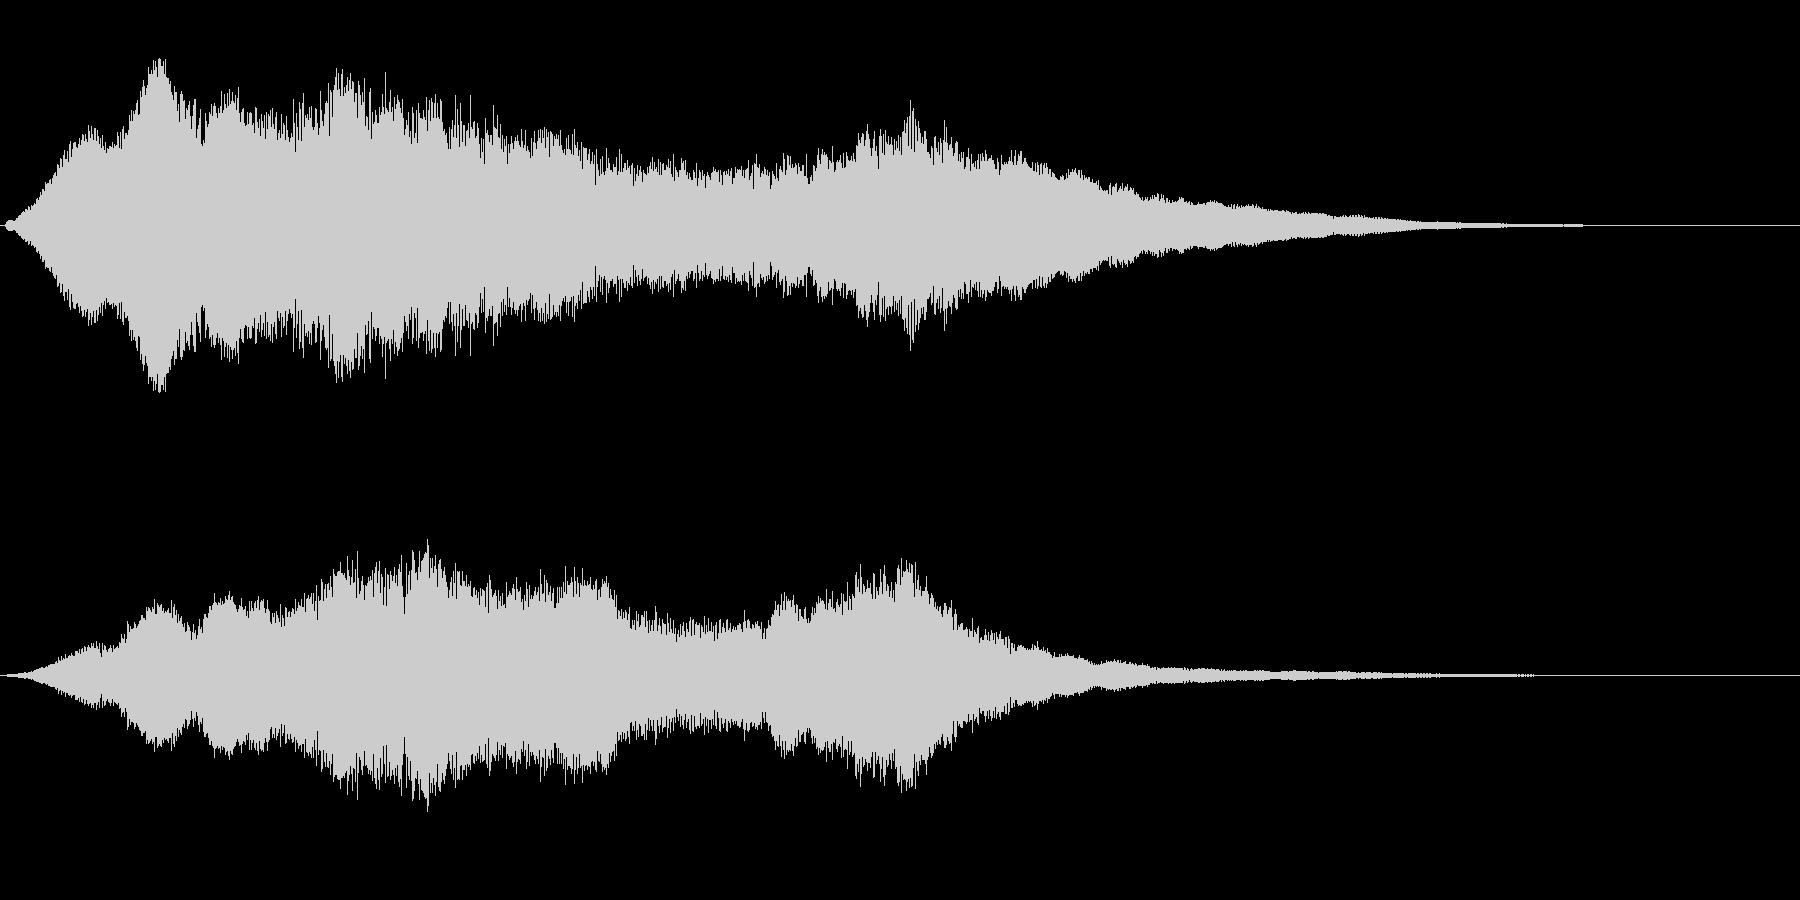 恐怖感のある金属的効果音の未再生の波形